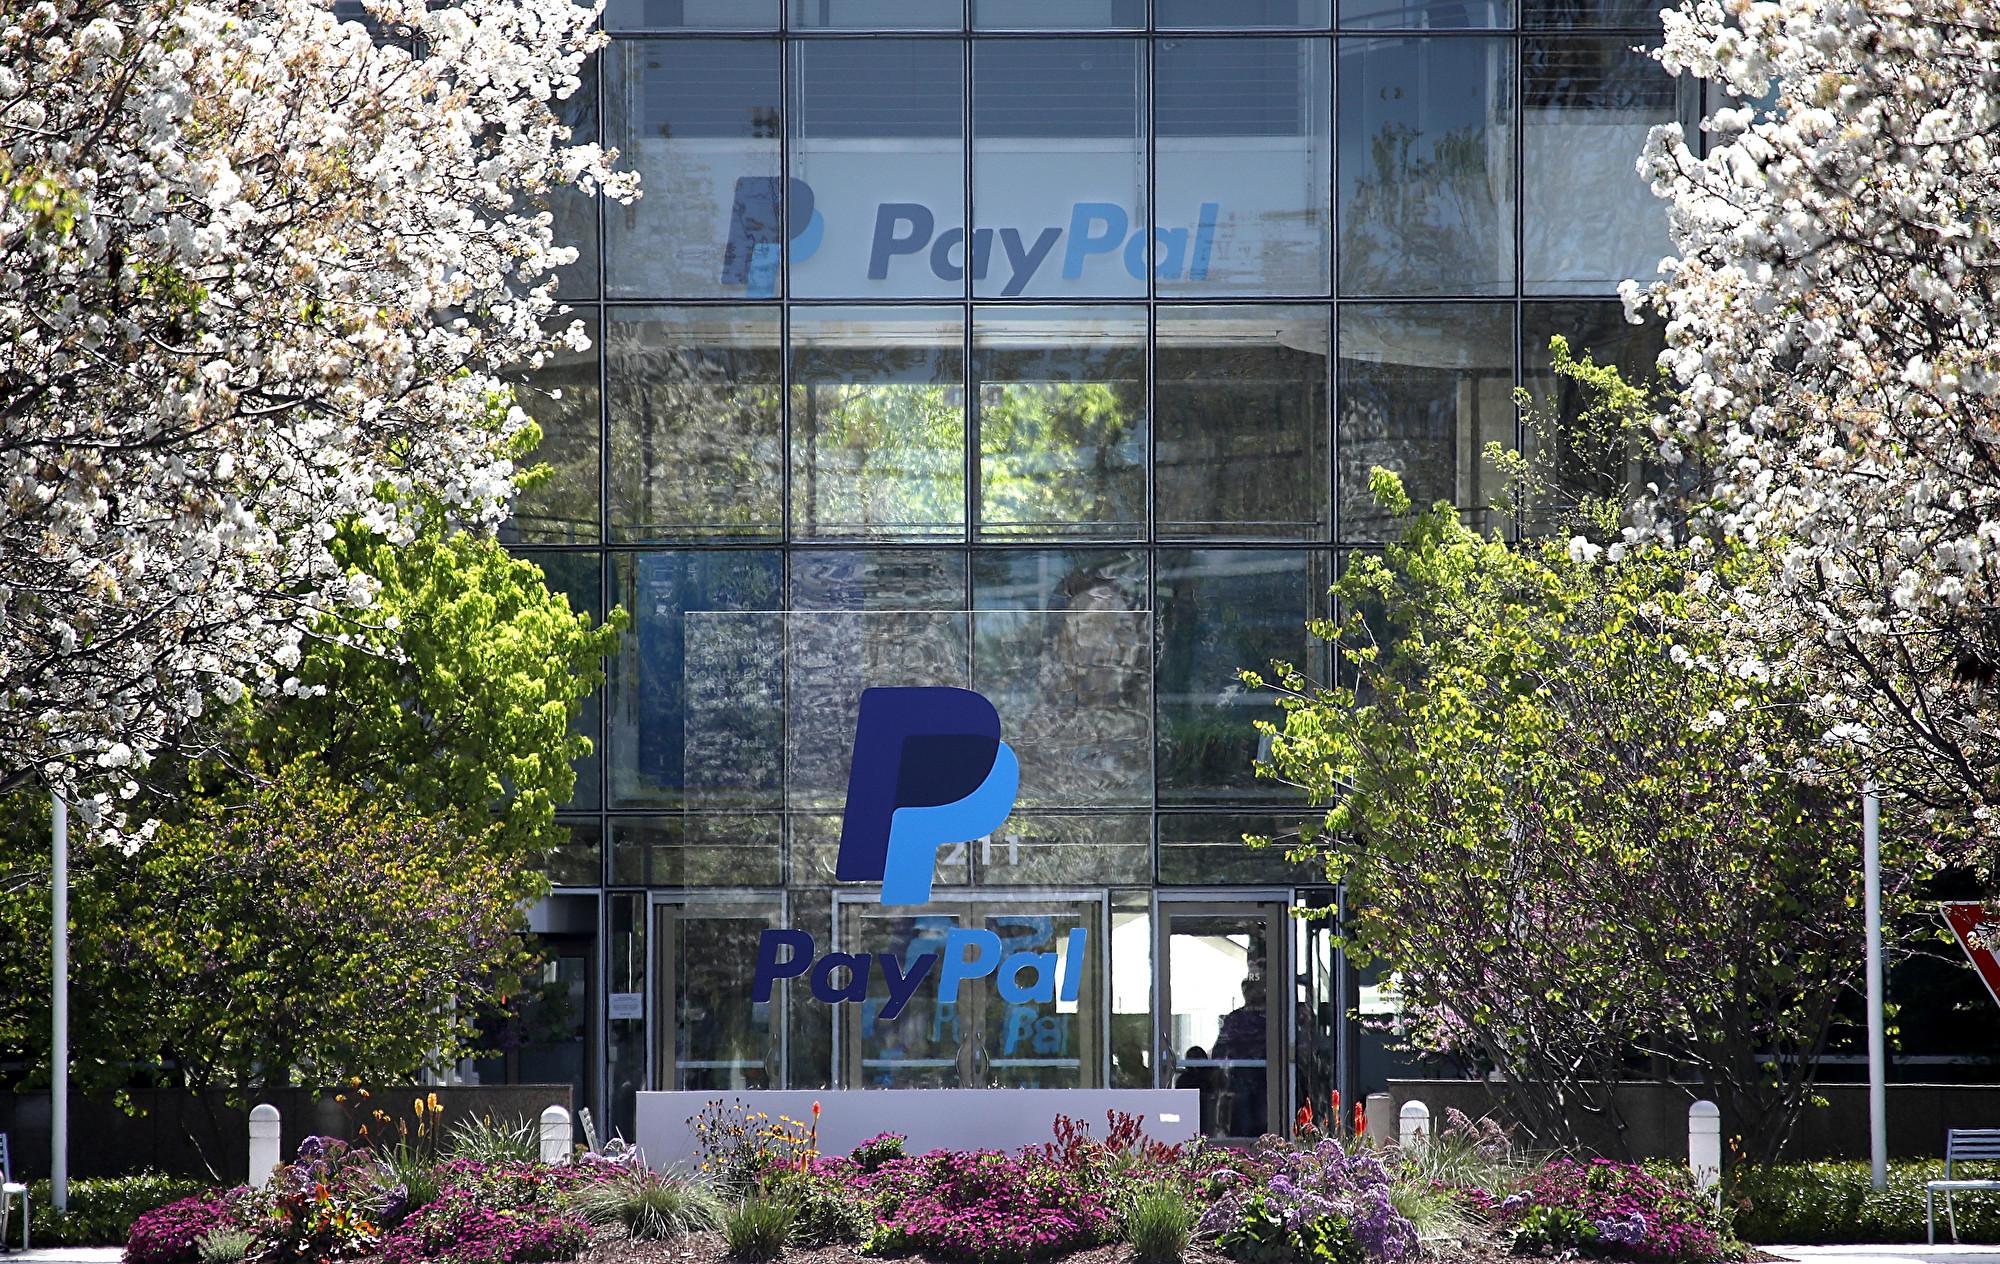 澳洲監管機構認為PayPal可能涉嫌違犯反洗錢法,正在考慮採取法律行動。圖為PayPal加州總公司資料圖。(Justin Sullivan/Getty Images)